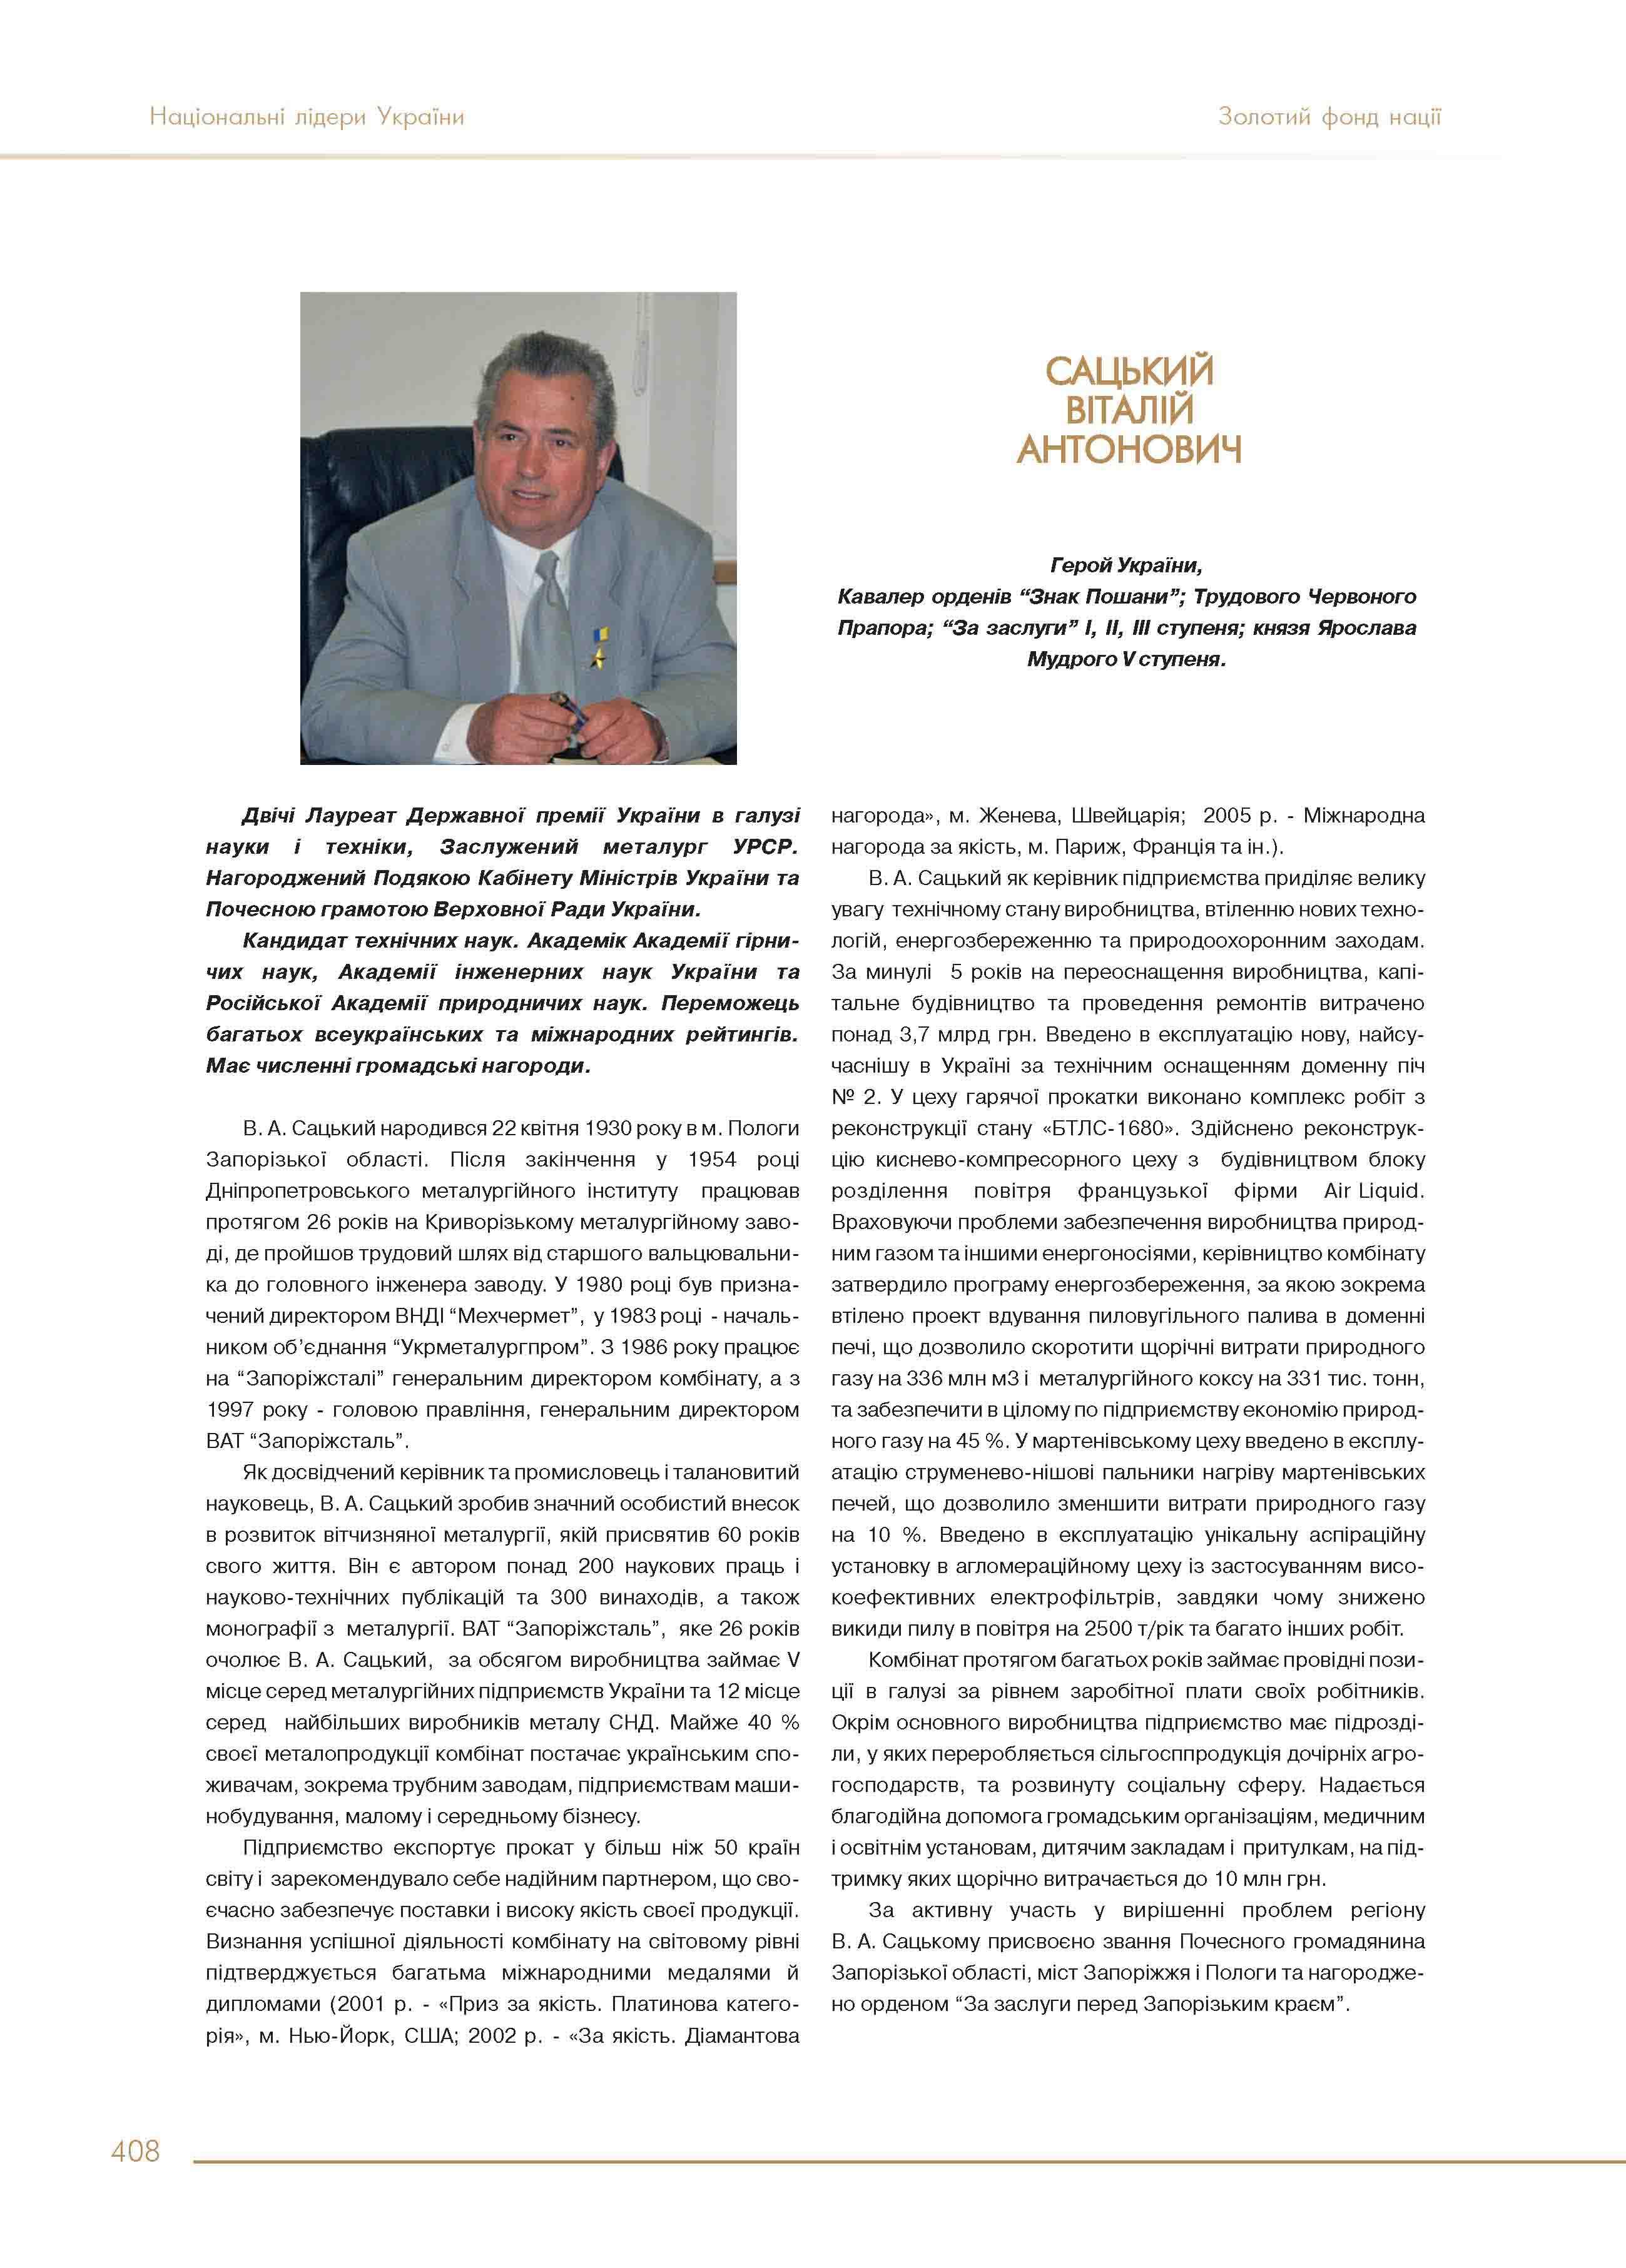 Сацький Віталій Антонович. Герой України